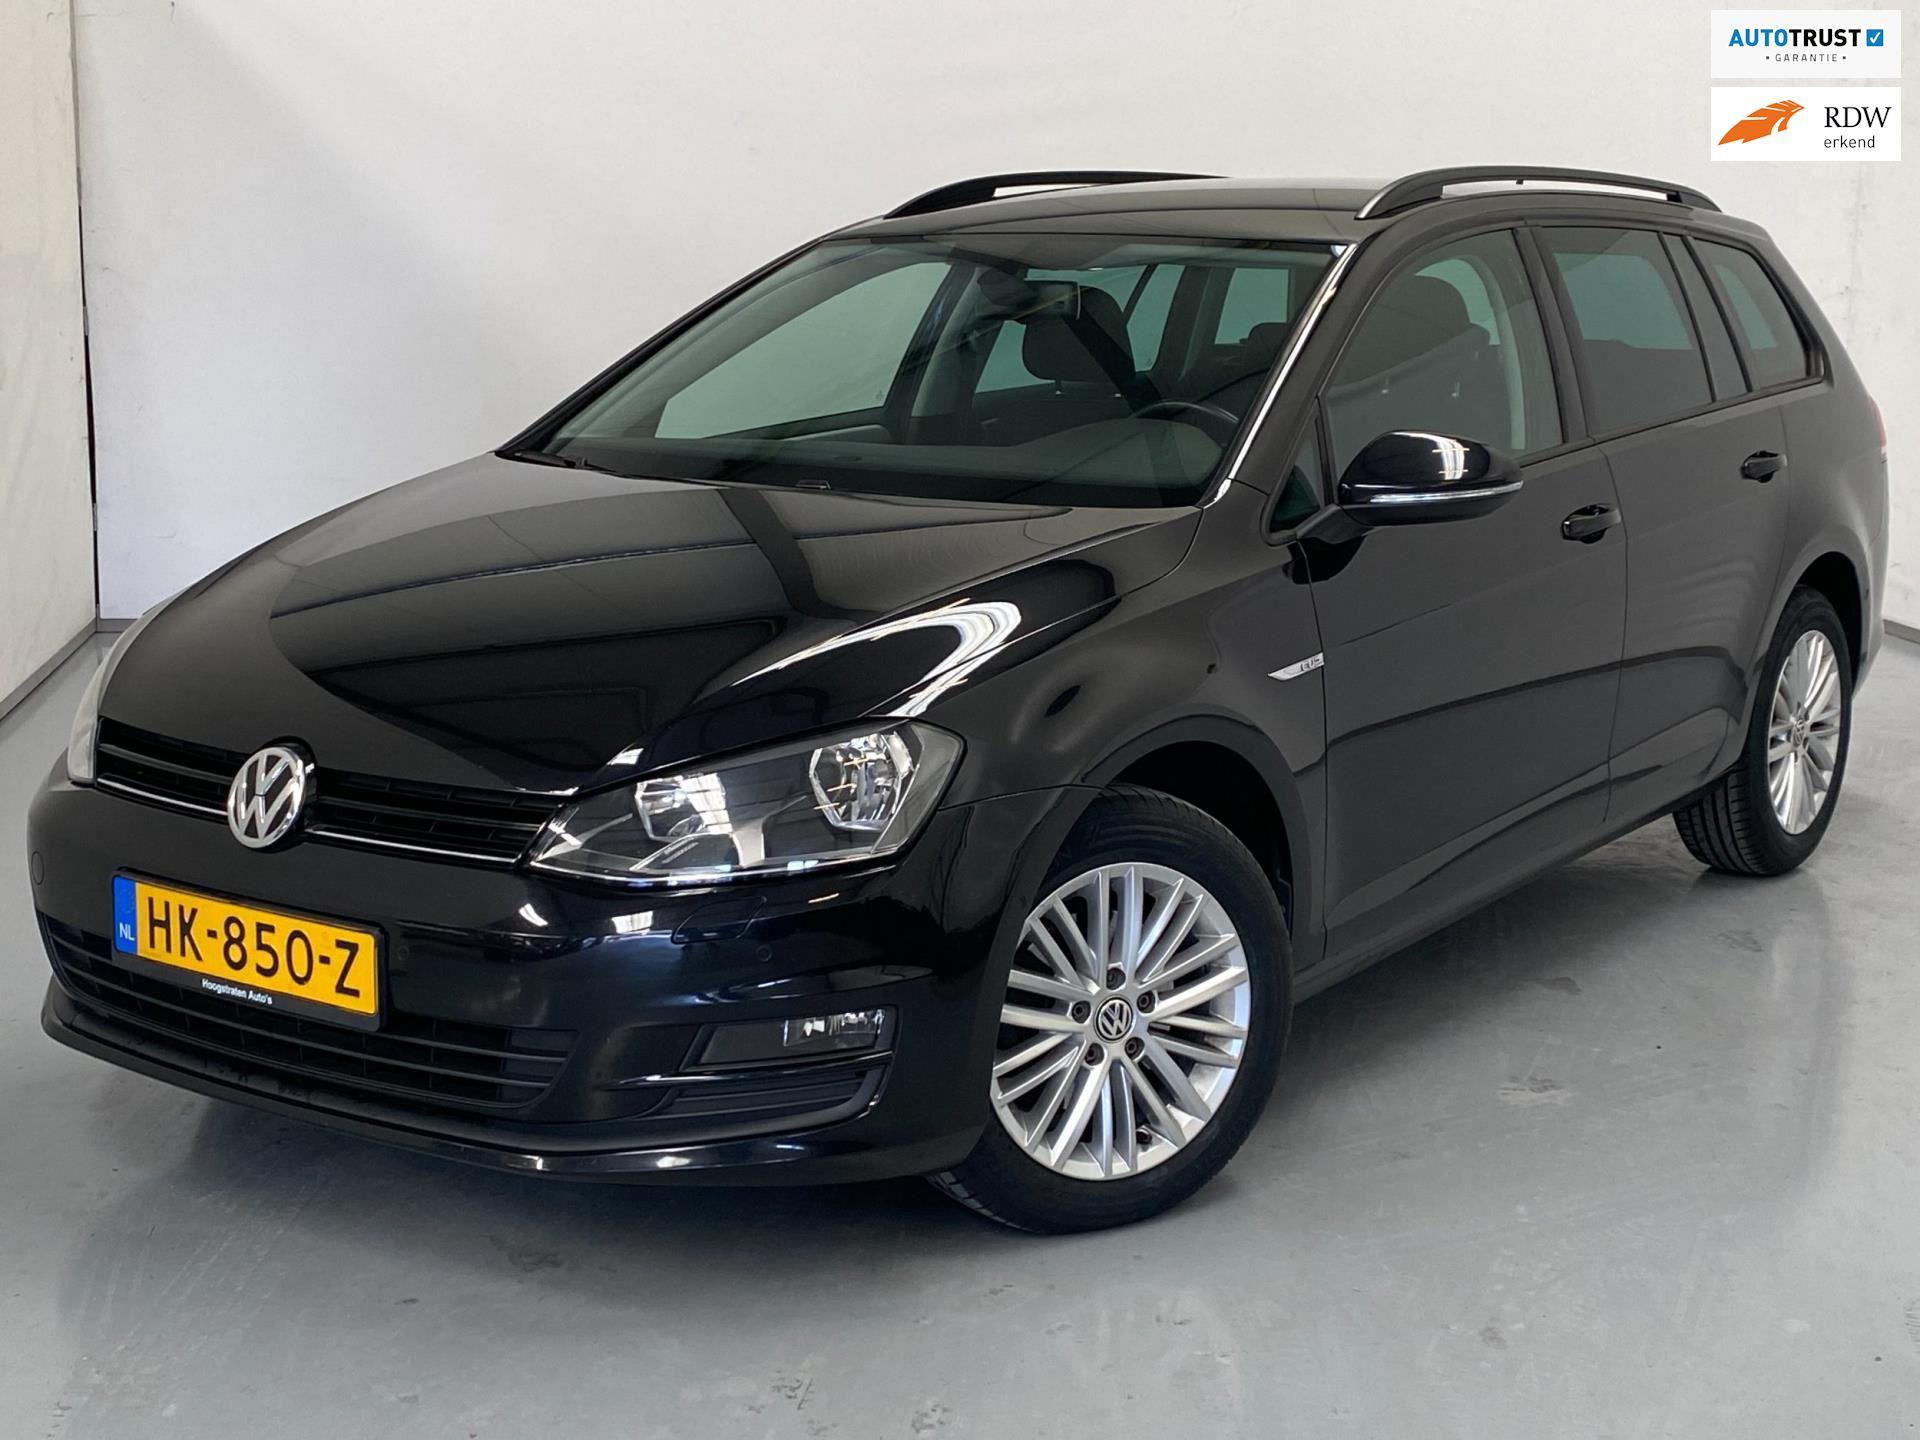 Volkswagen Golf Variant occasion - Van den Brink Auto's